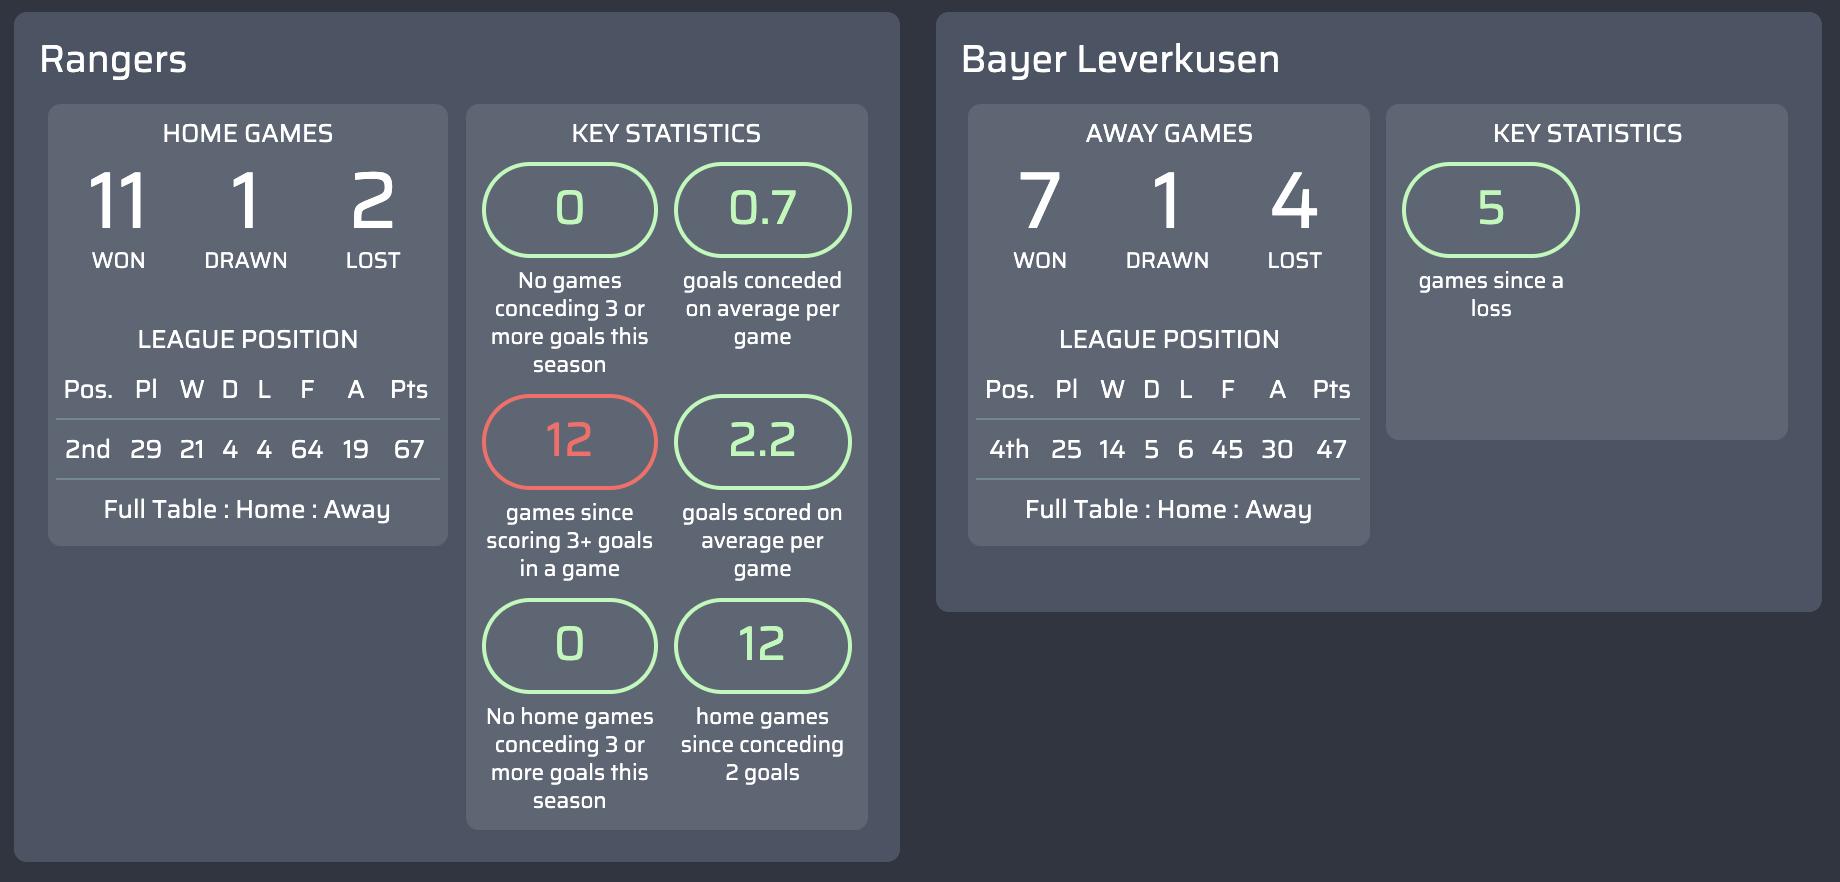 máy tính dự đoán Rangers v Bayer Leverkusen